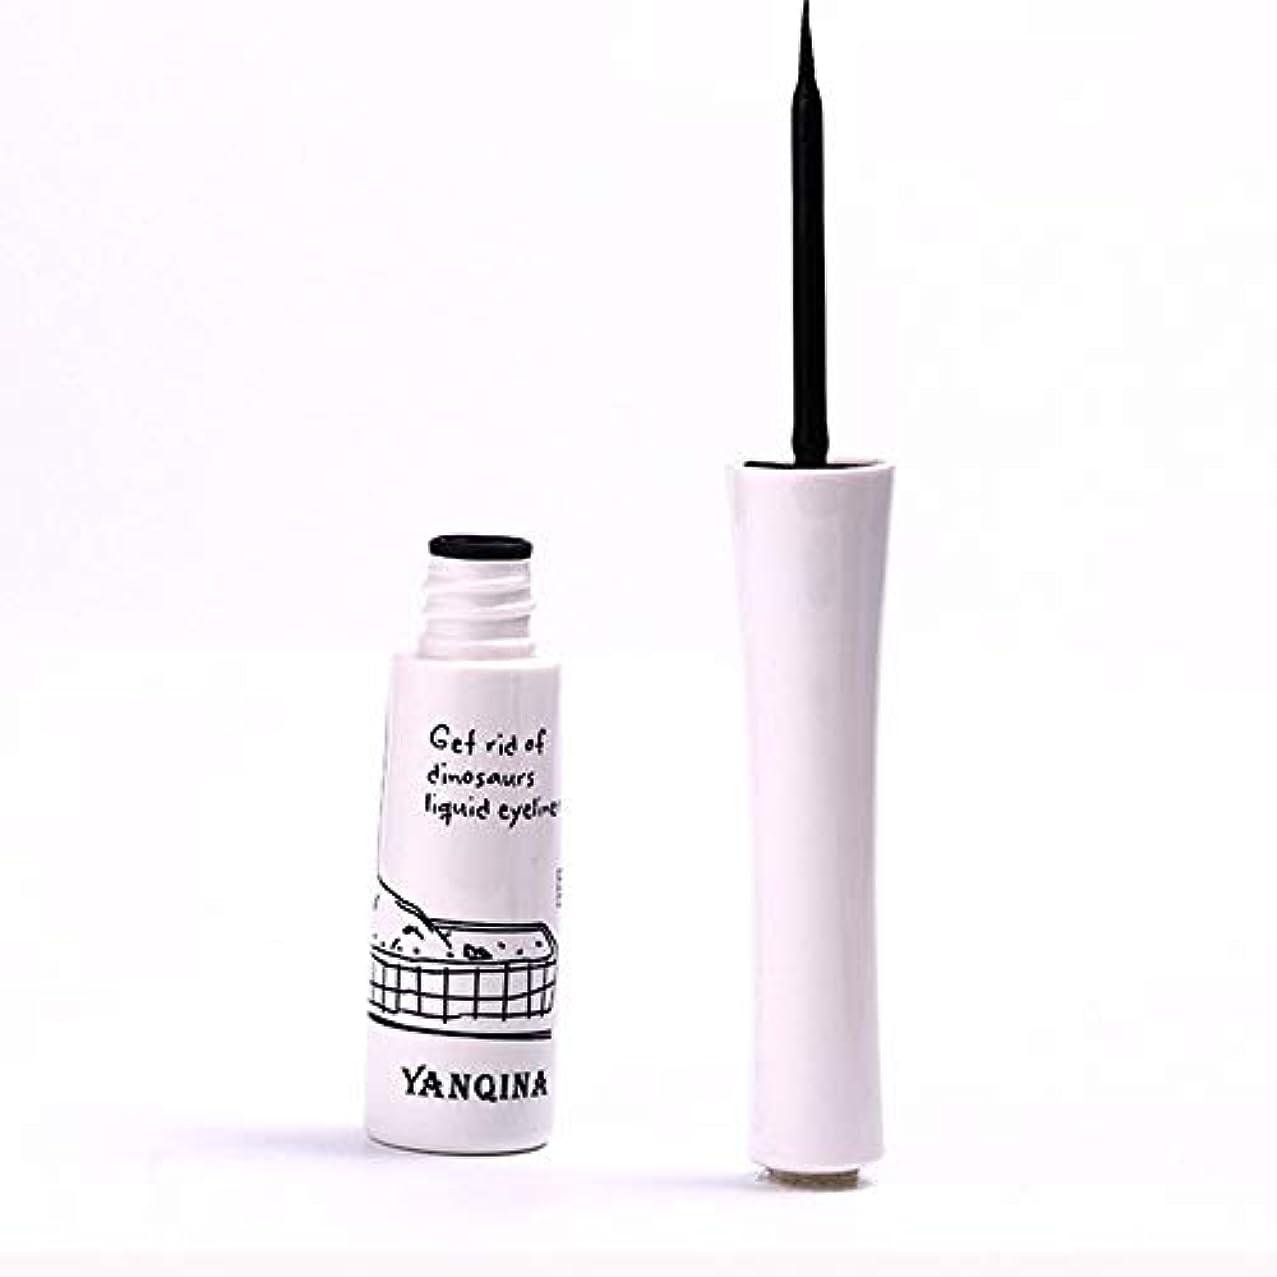 約束する割れ目ビタミン黒いアイライナーの防水液体のアイライナーの鉛筆のペンは特徴を構成します